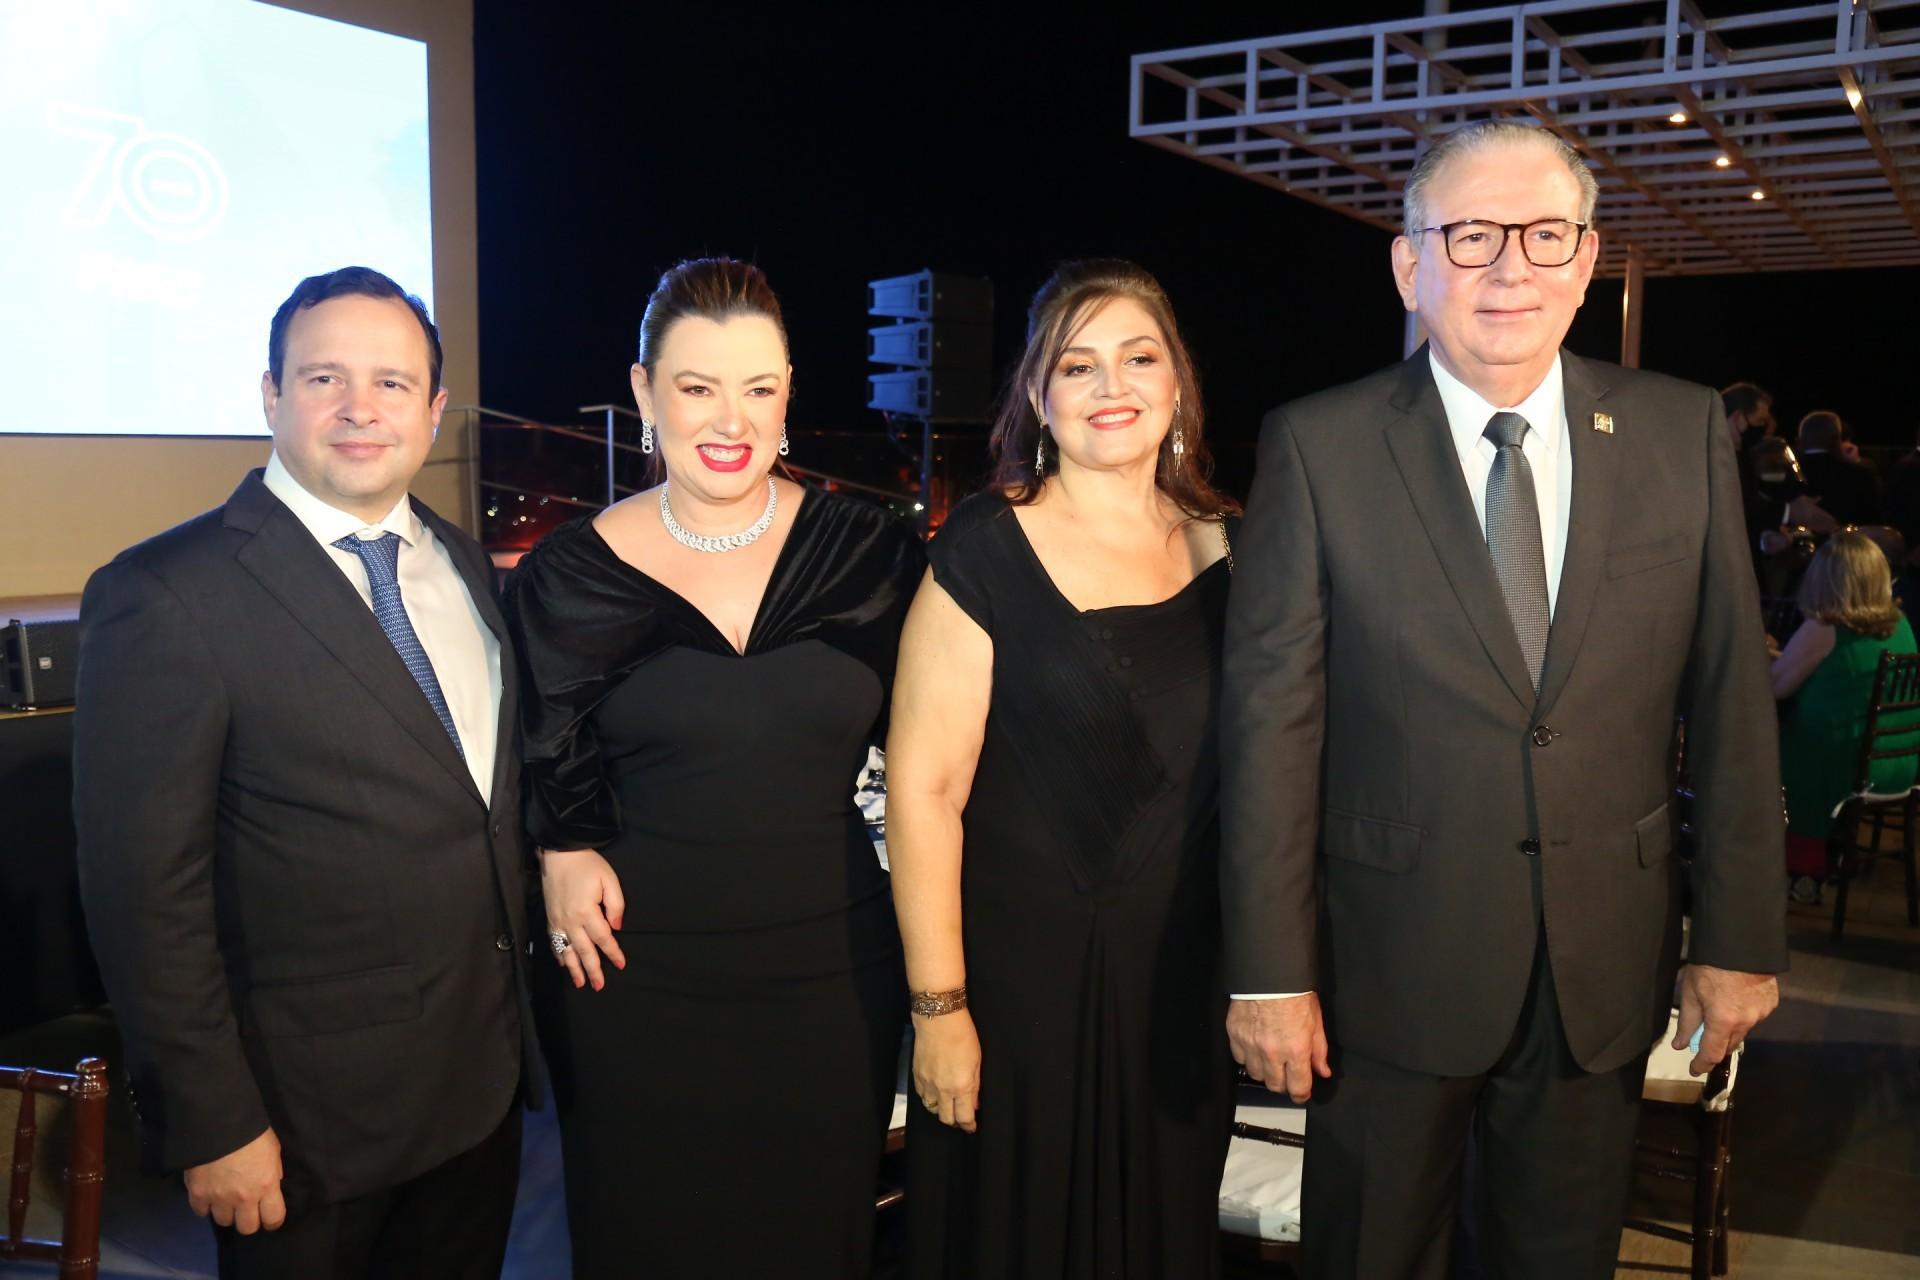 (Foto: JOAO FILHO TAVARES)Igor Barroso e Aline, Rosângela e Ricardo Cavalcante